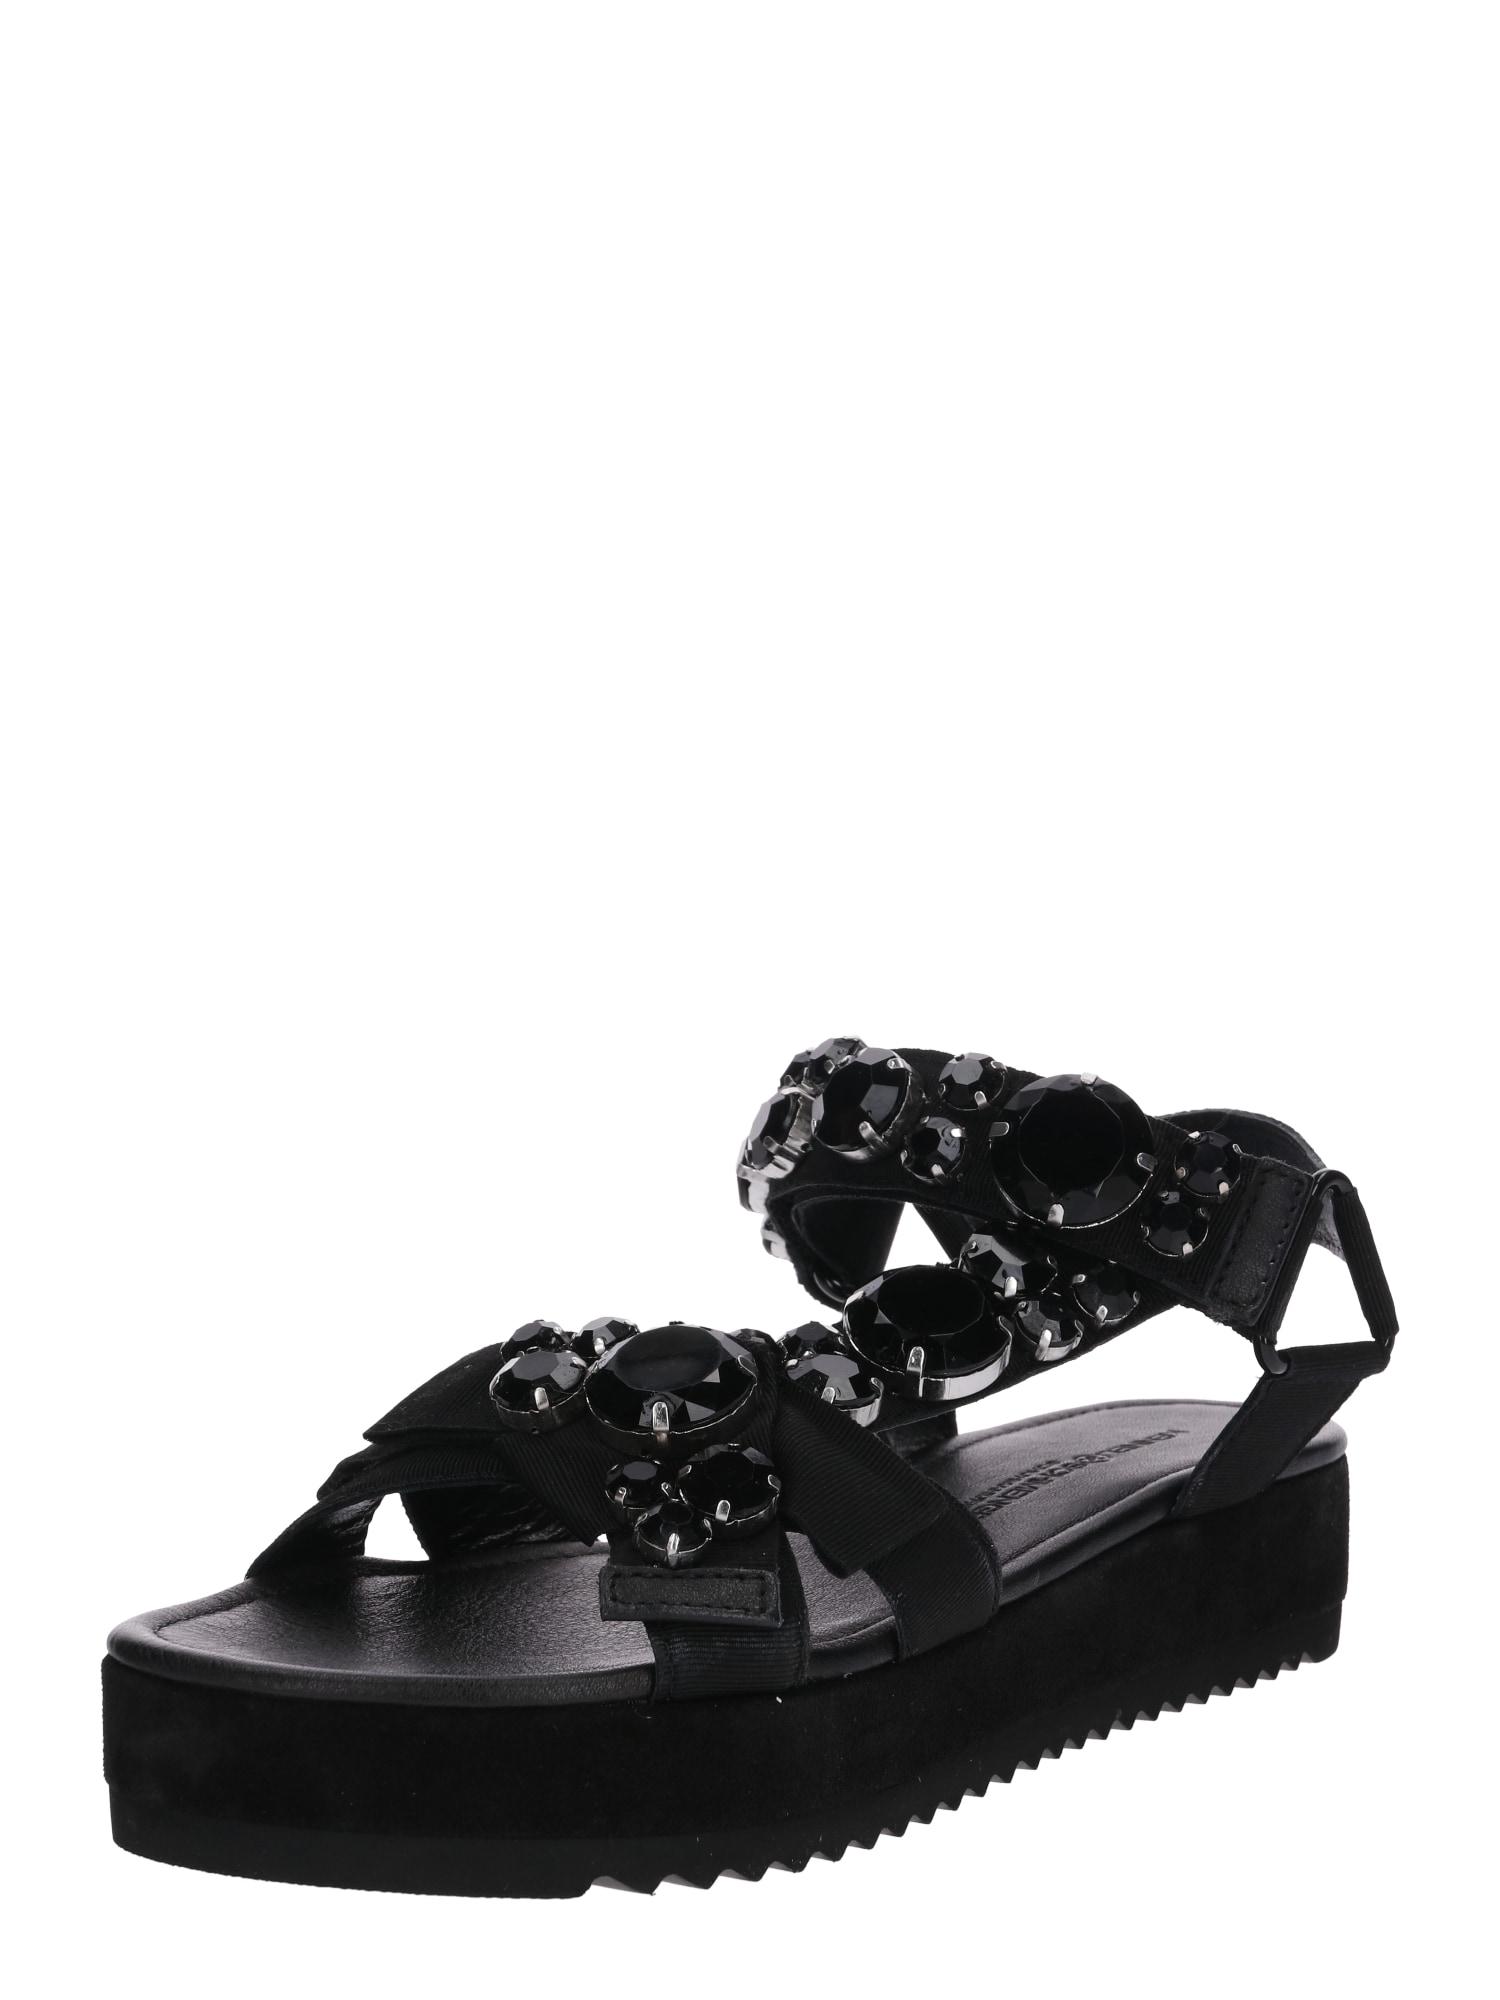 Sandály Neo černá Kennel & Schmenger